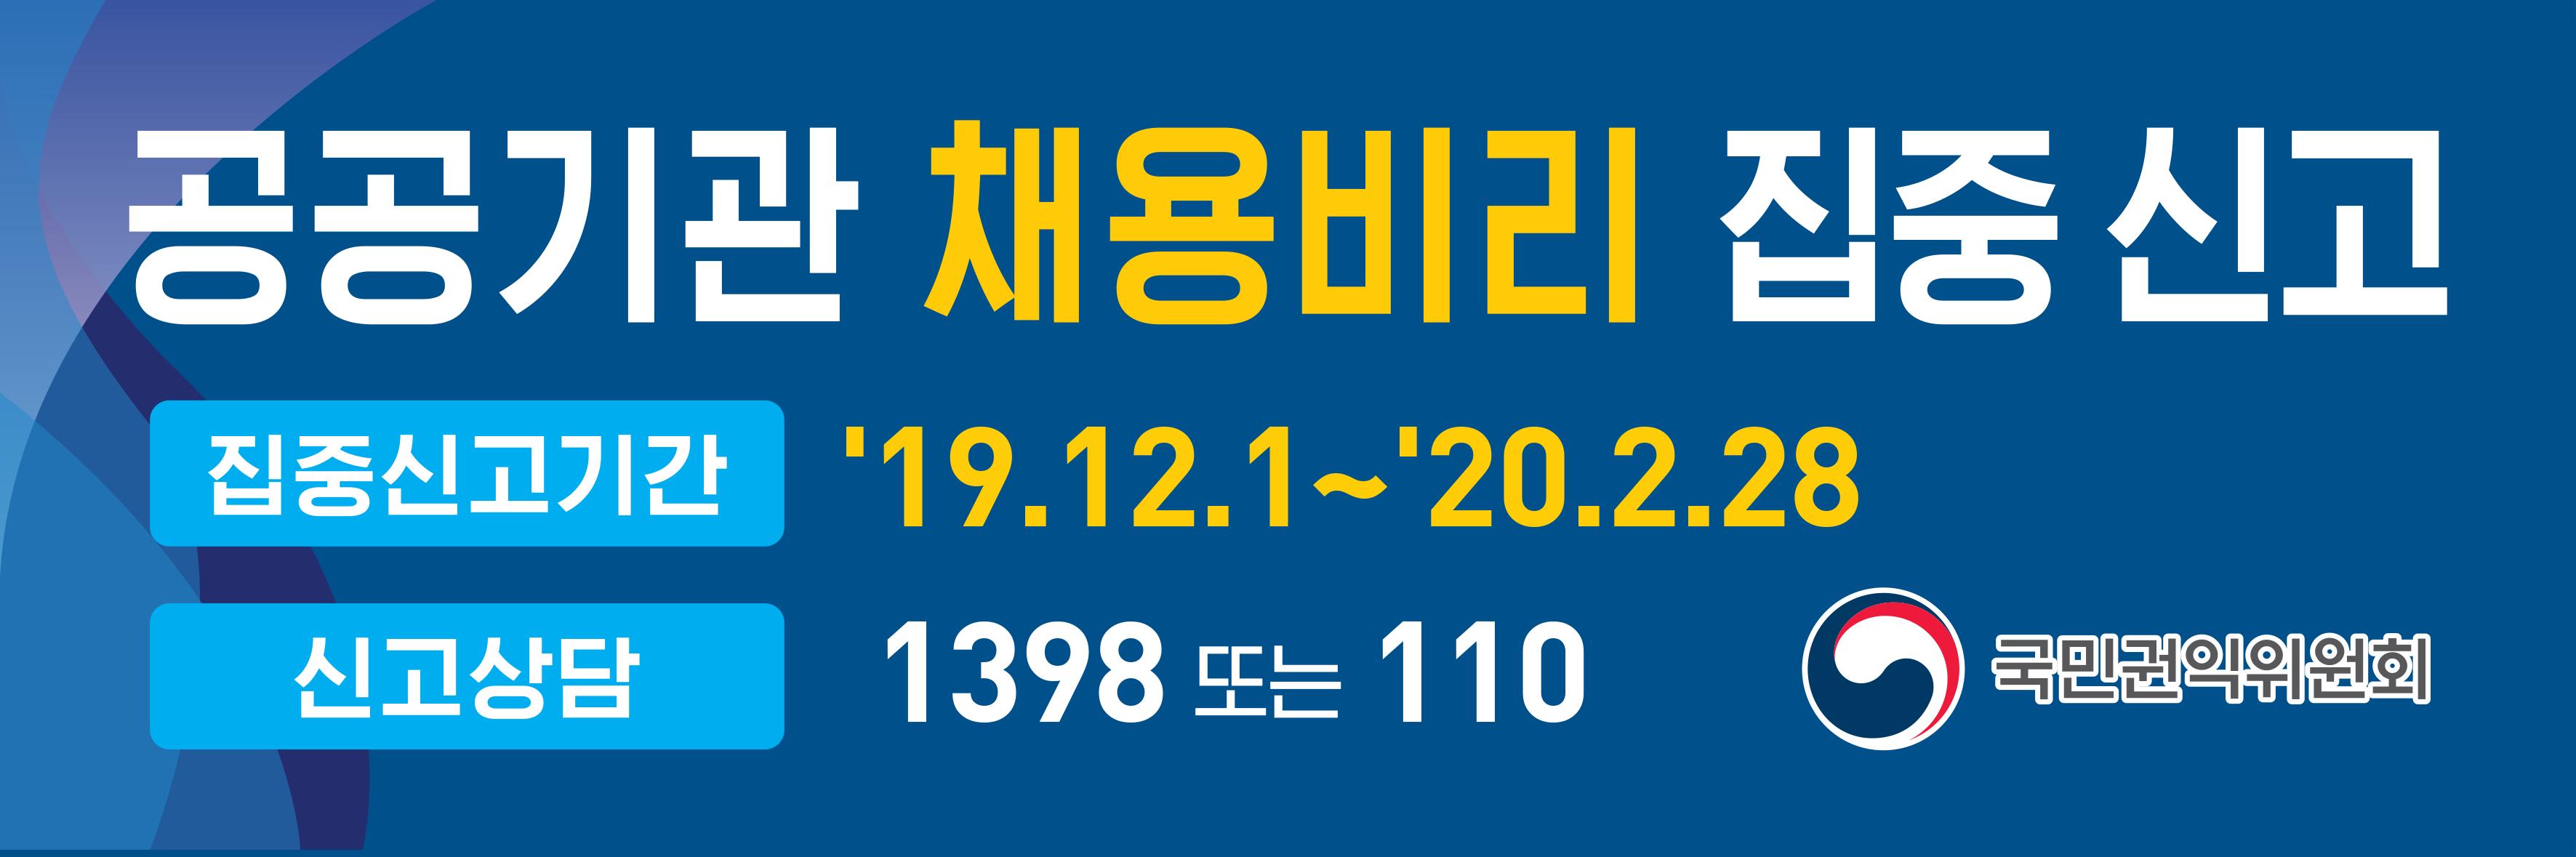 공공기관 채용비리 집중 신고 집중신고기간 2019년 12월 1일부터 2020년 2월 28일까지 신고상담 1398 또는 110 국민권익위원회